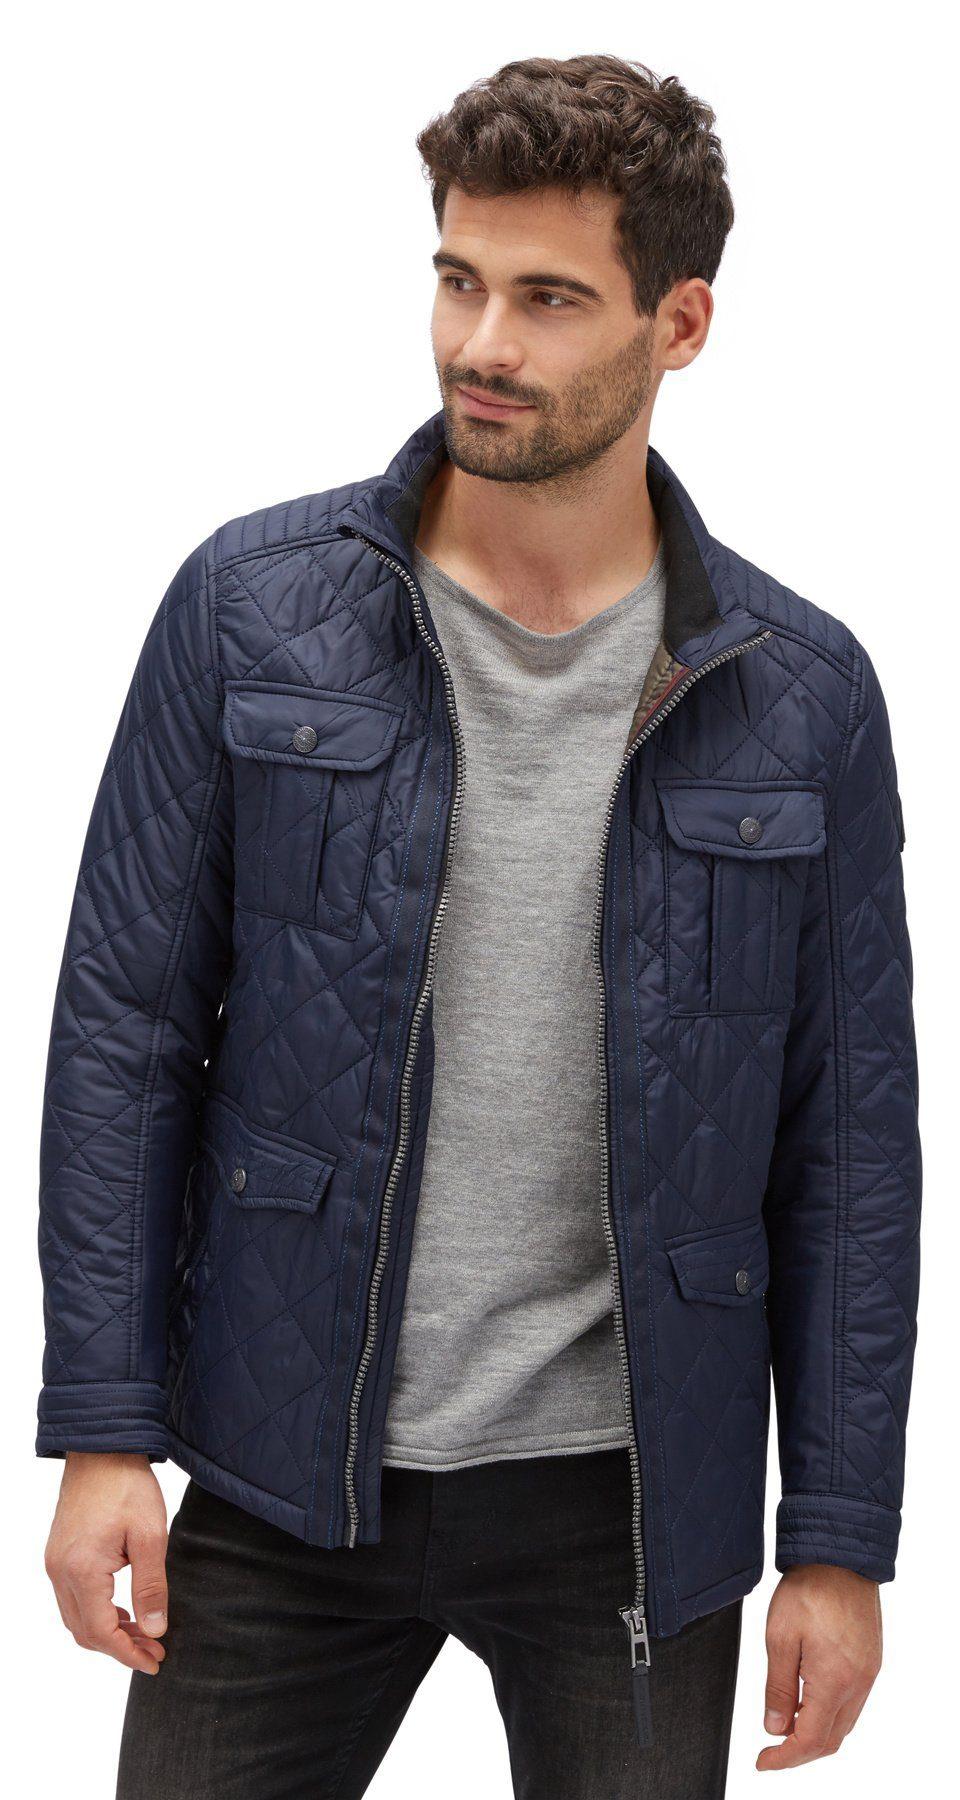 Tom »steppjacke Taschen« KaufenOtto Mit Online Allwetterjacke Tailor Diversen wOP8n0Xk